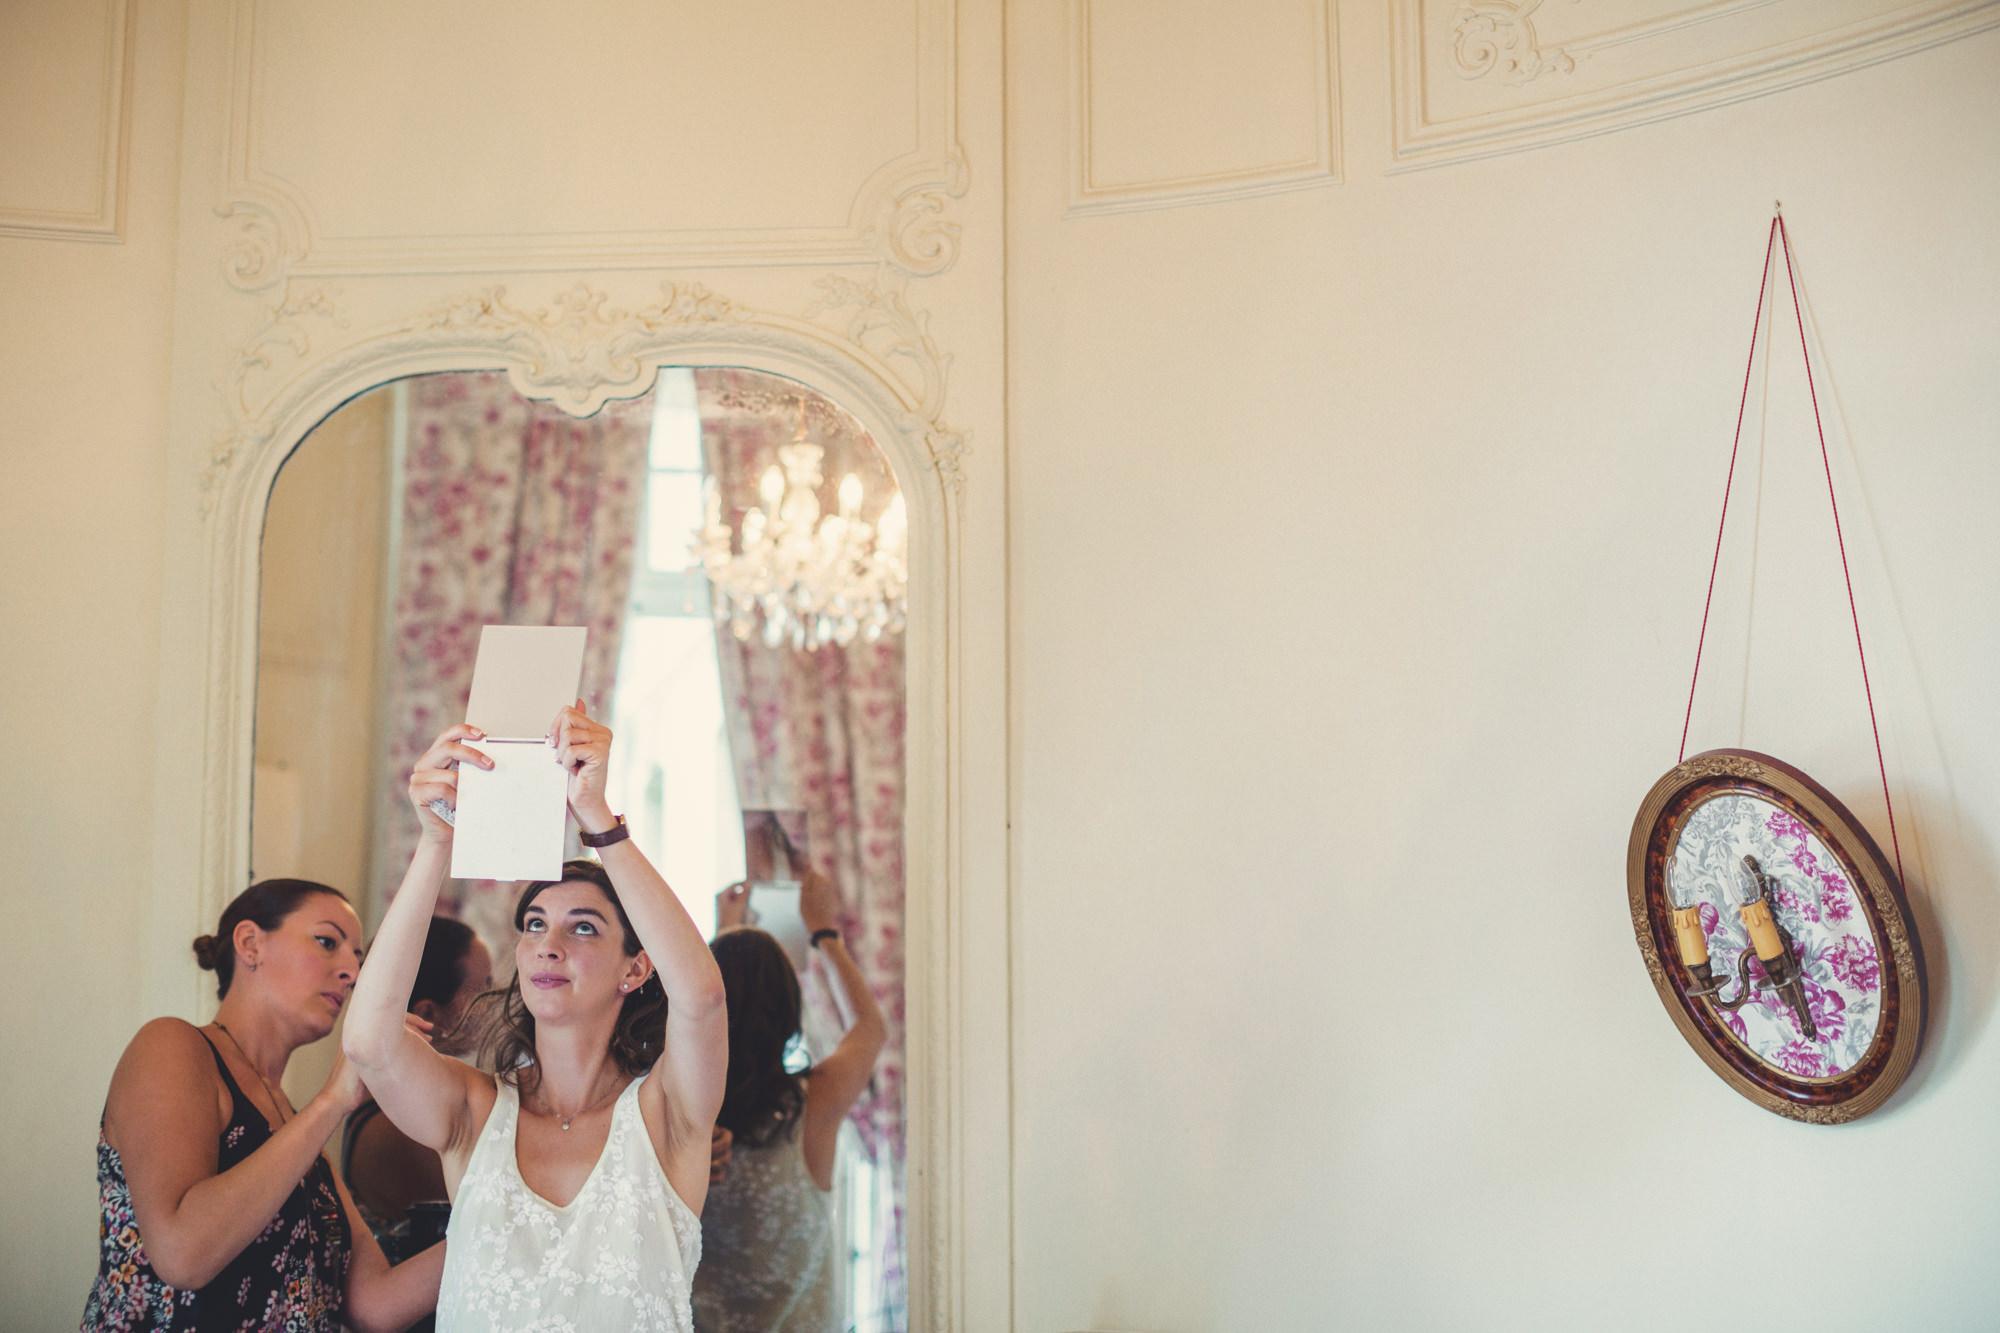 Mariage au Chateau d'Ermenonville@Anne-Claire Brun 22